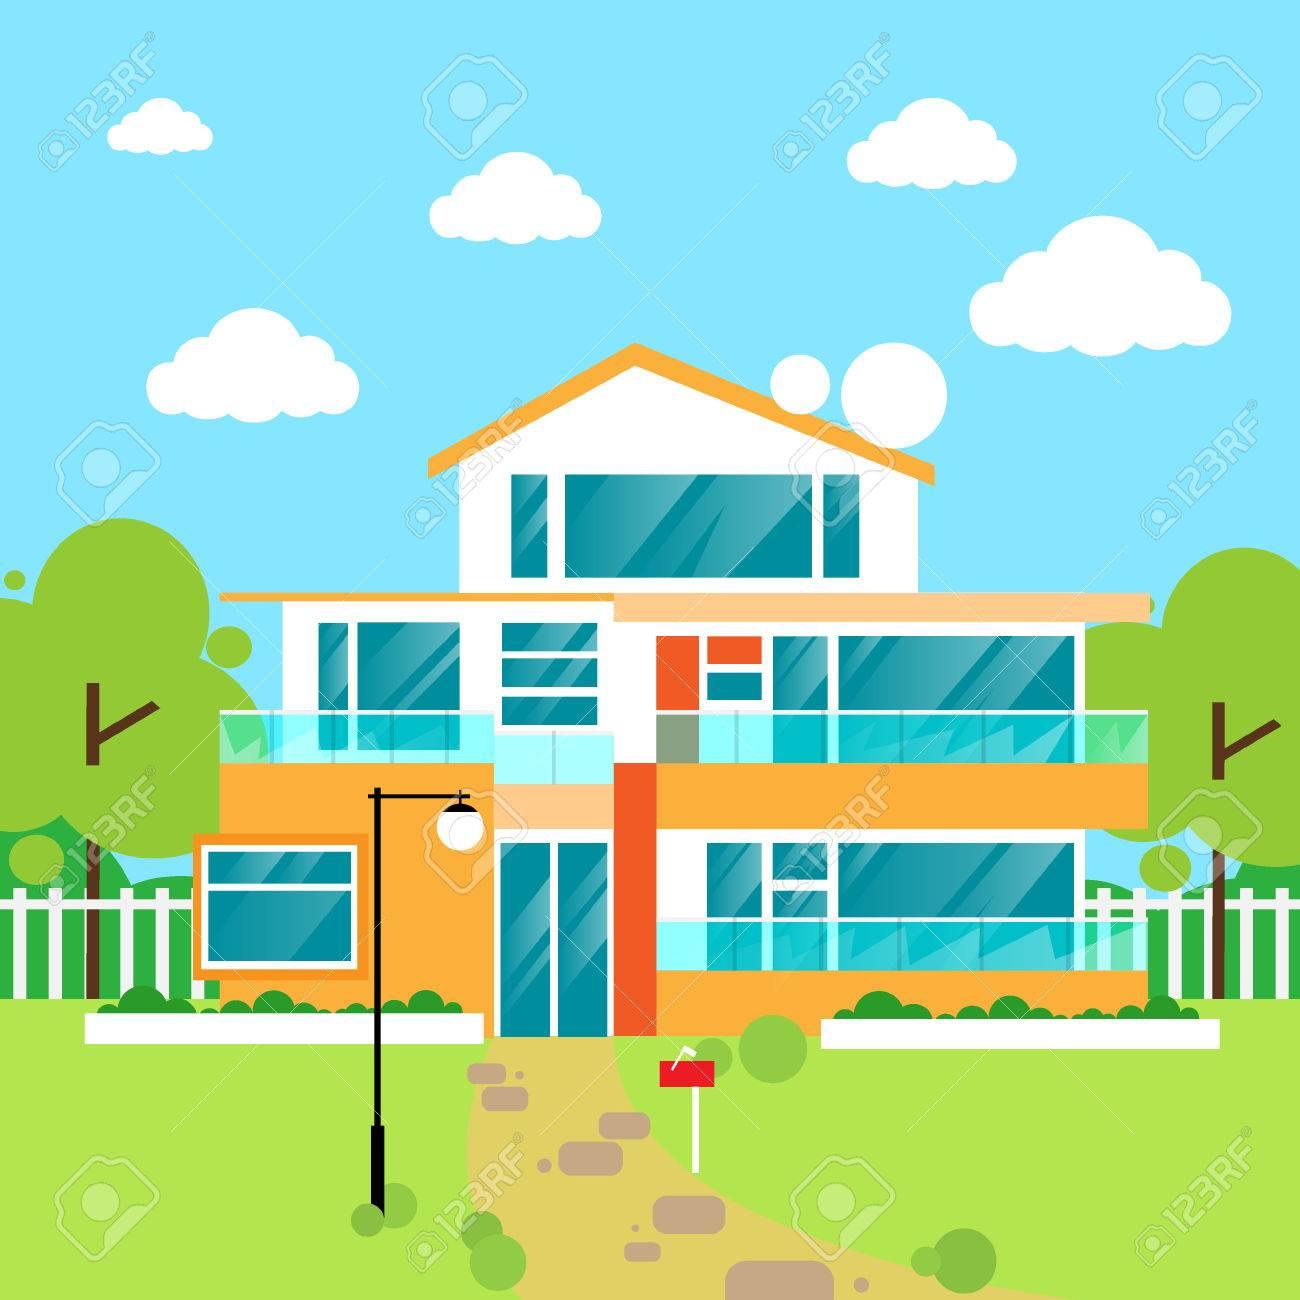 Große Moderne Villa Haus Wohnung Design Vektor Lizenzfrei Nutzbare ...